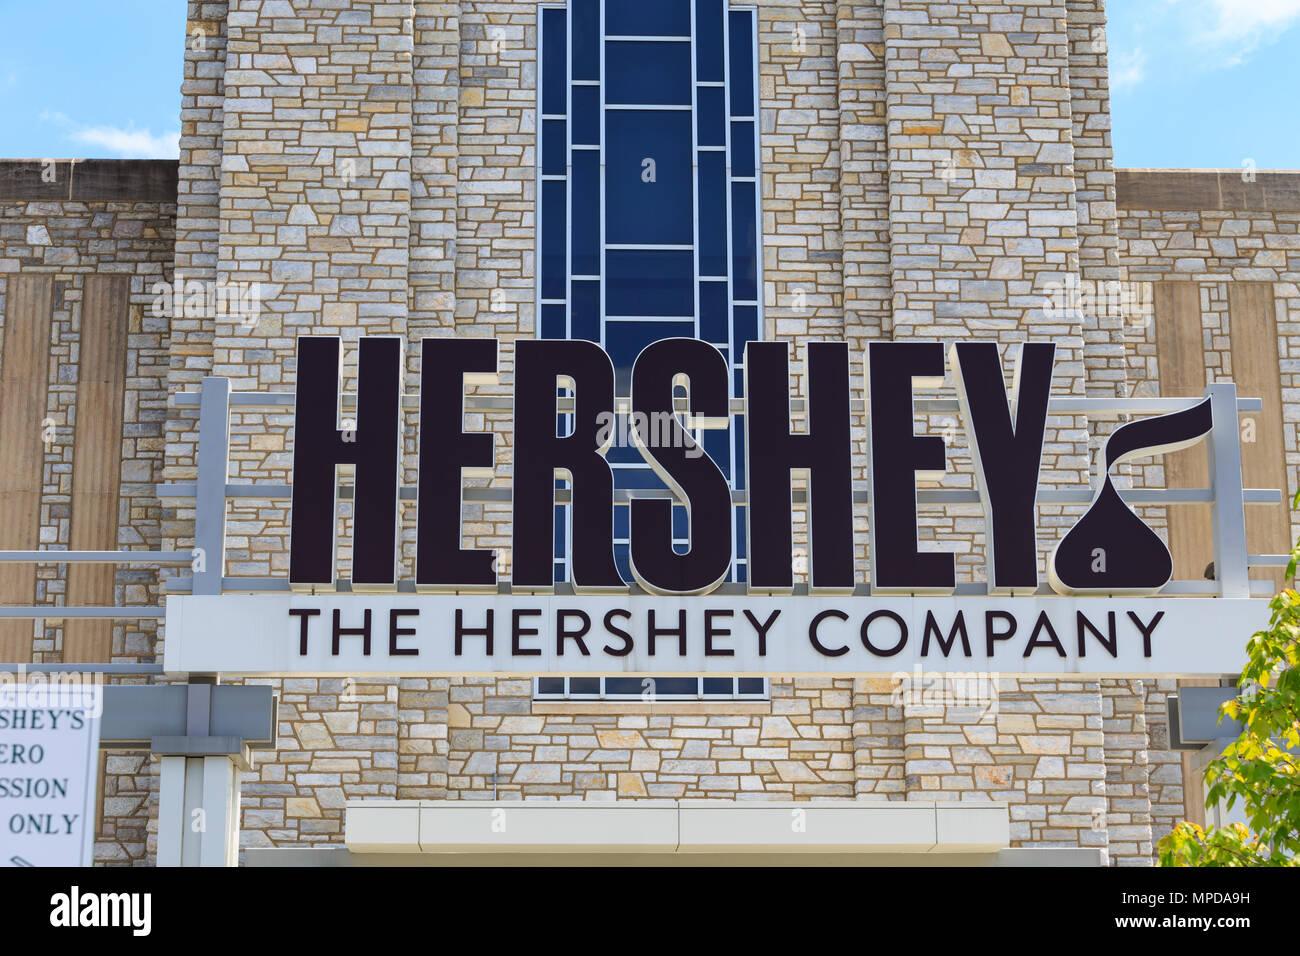 Hershey Chocolate Factory Mississauga